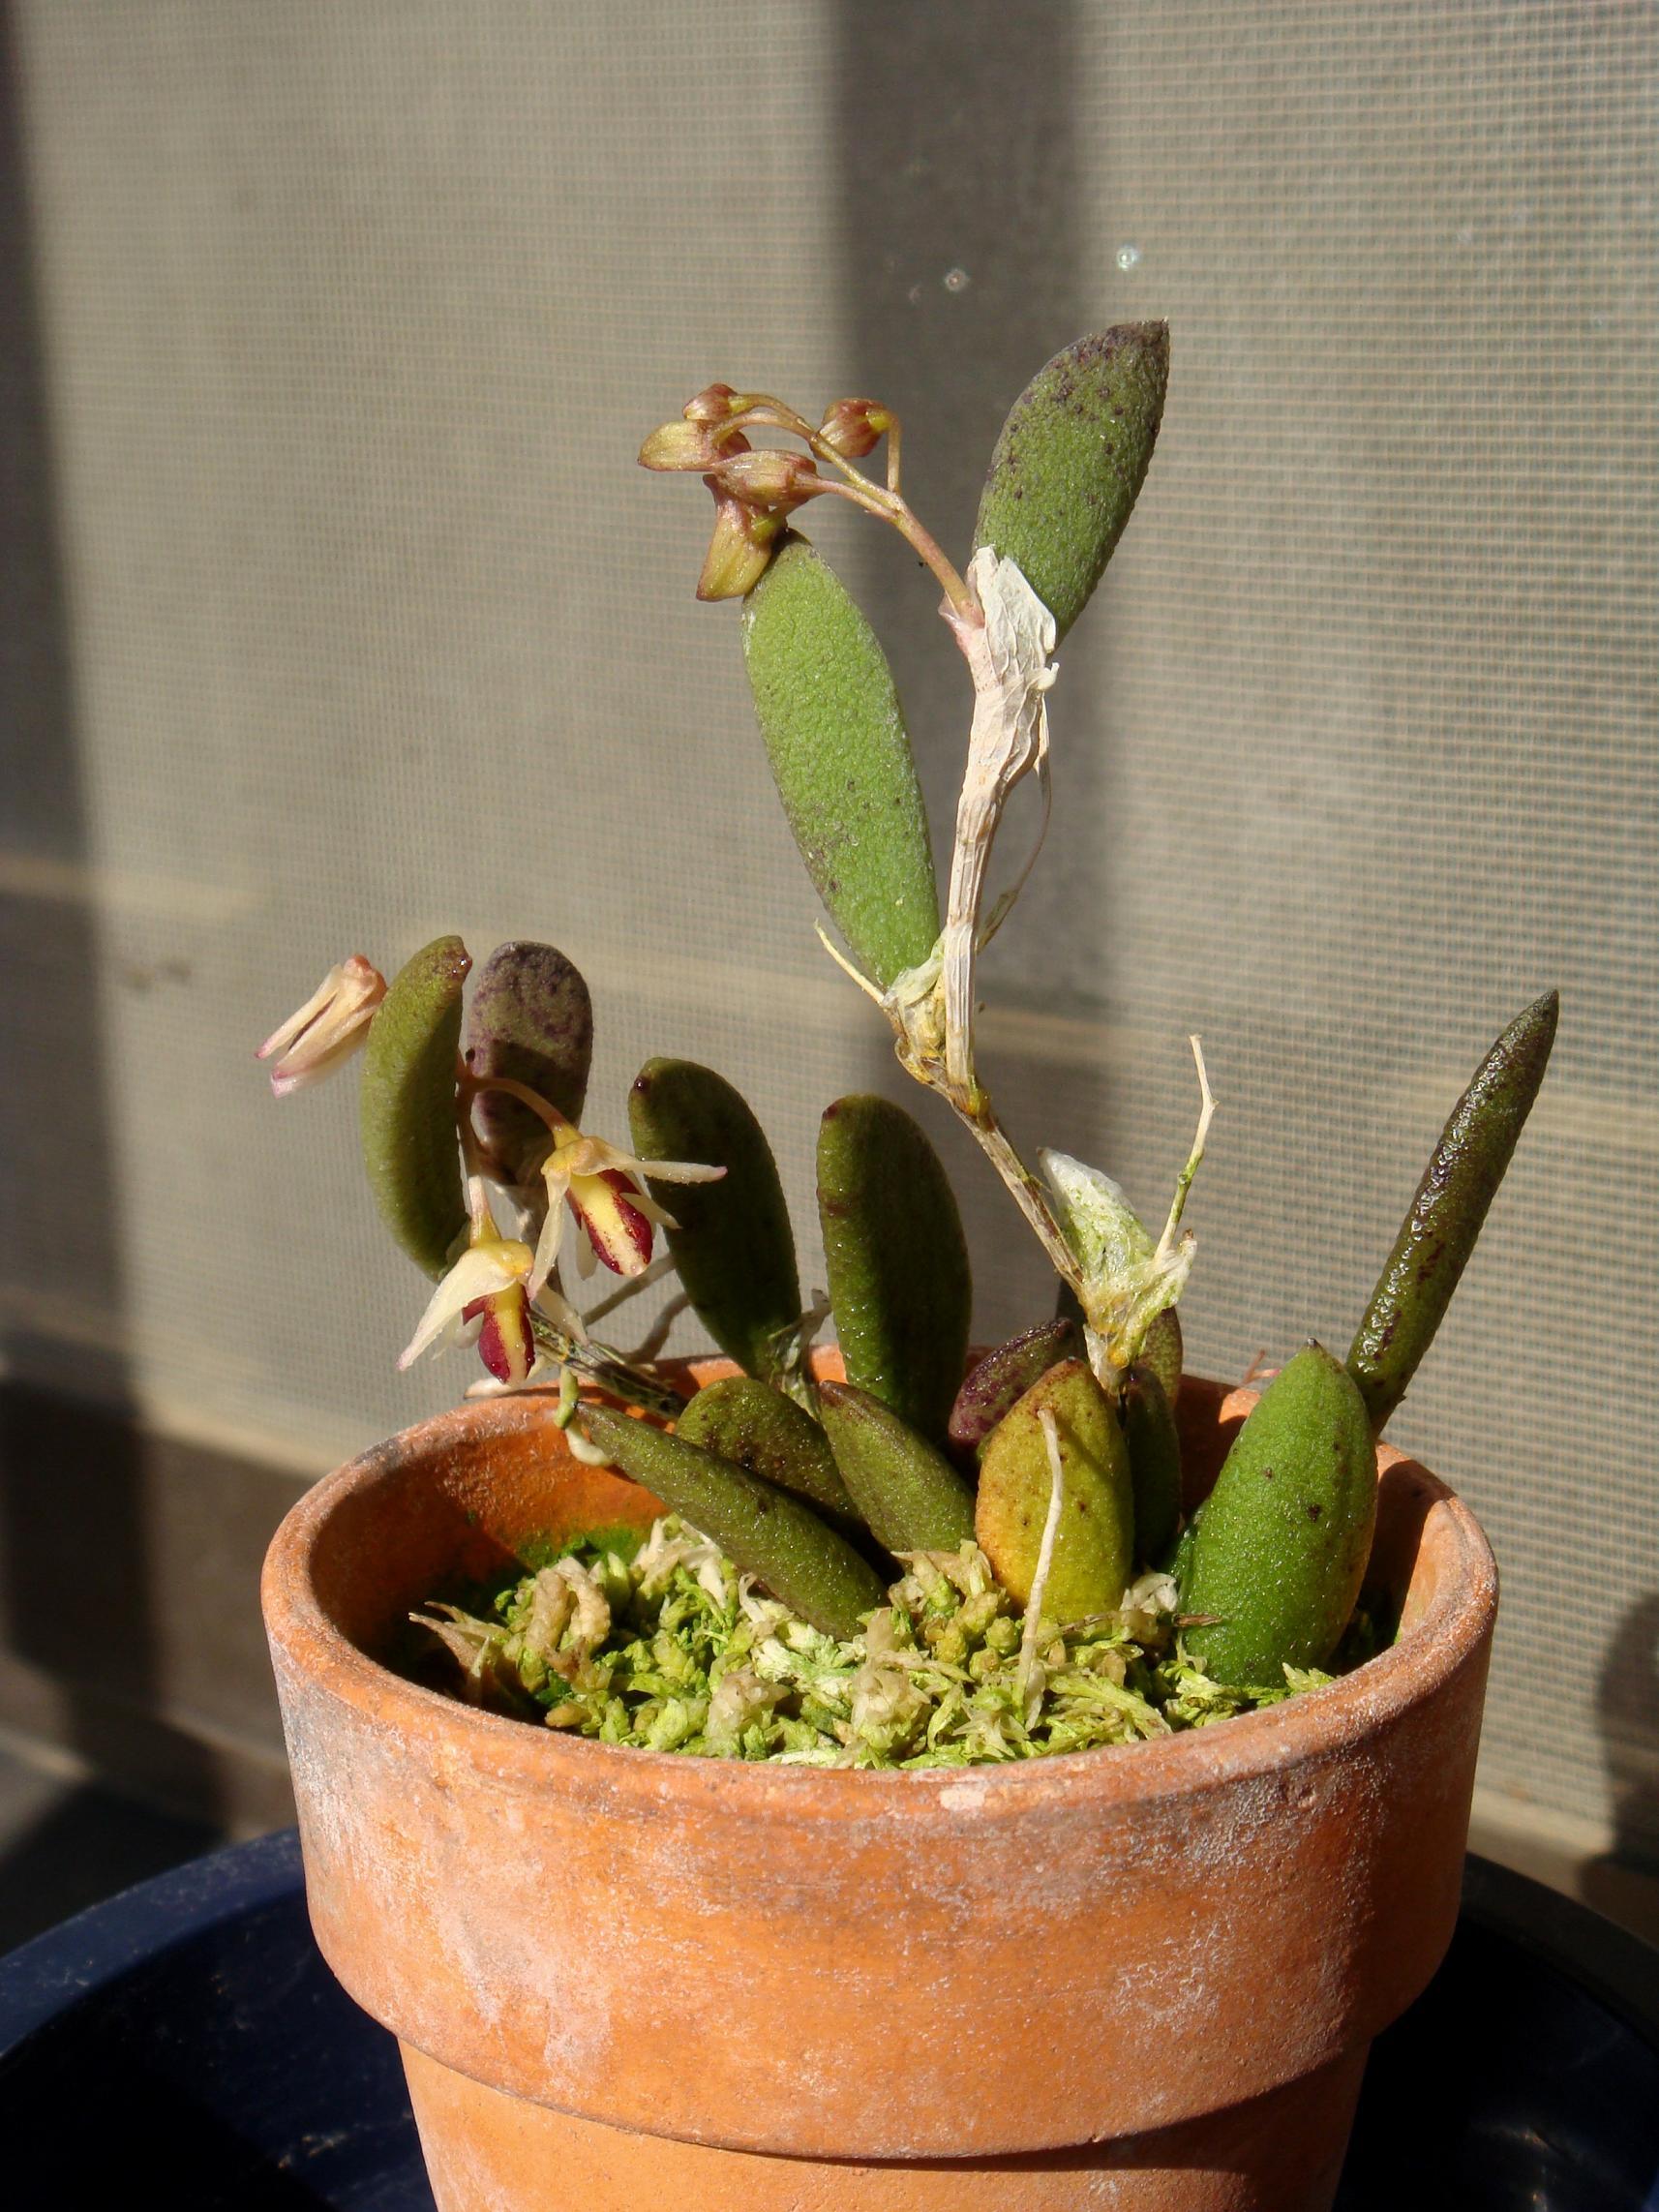 http://orchids.la.coocan.jp/Dendrobium/Dendrobium%20rigidum/DSC05807.JPG